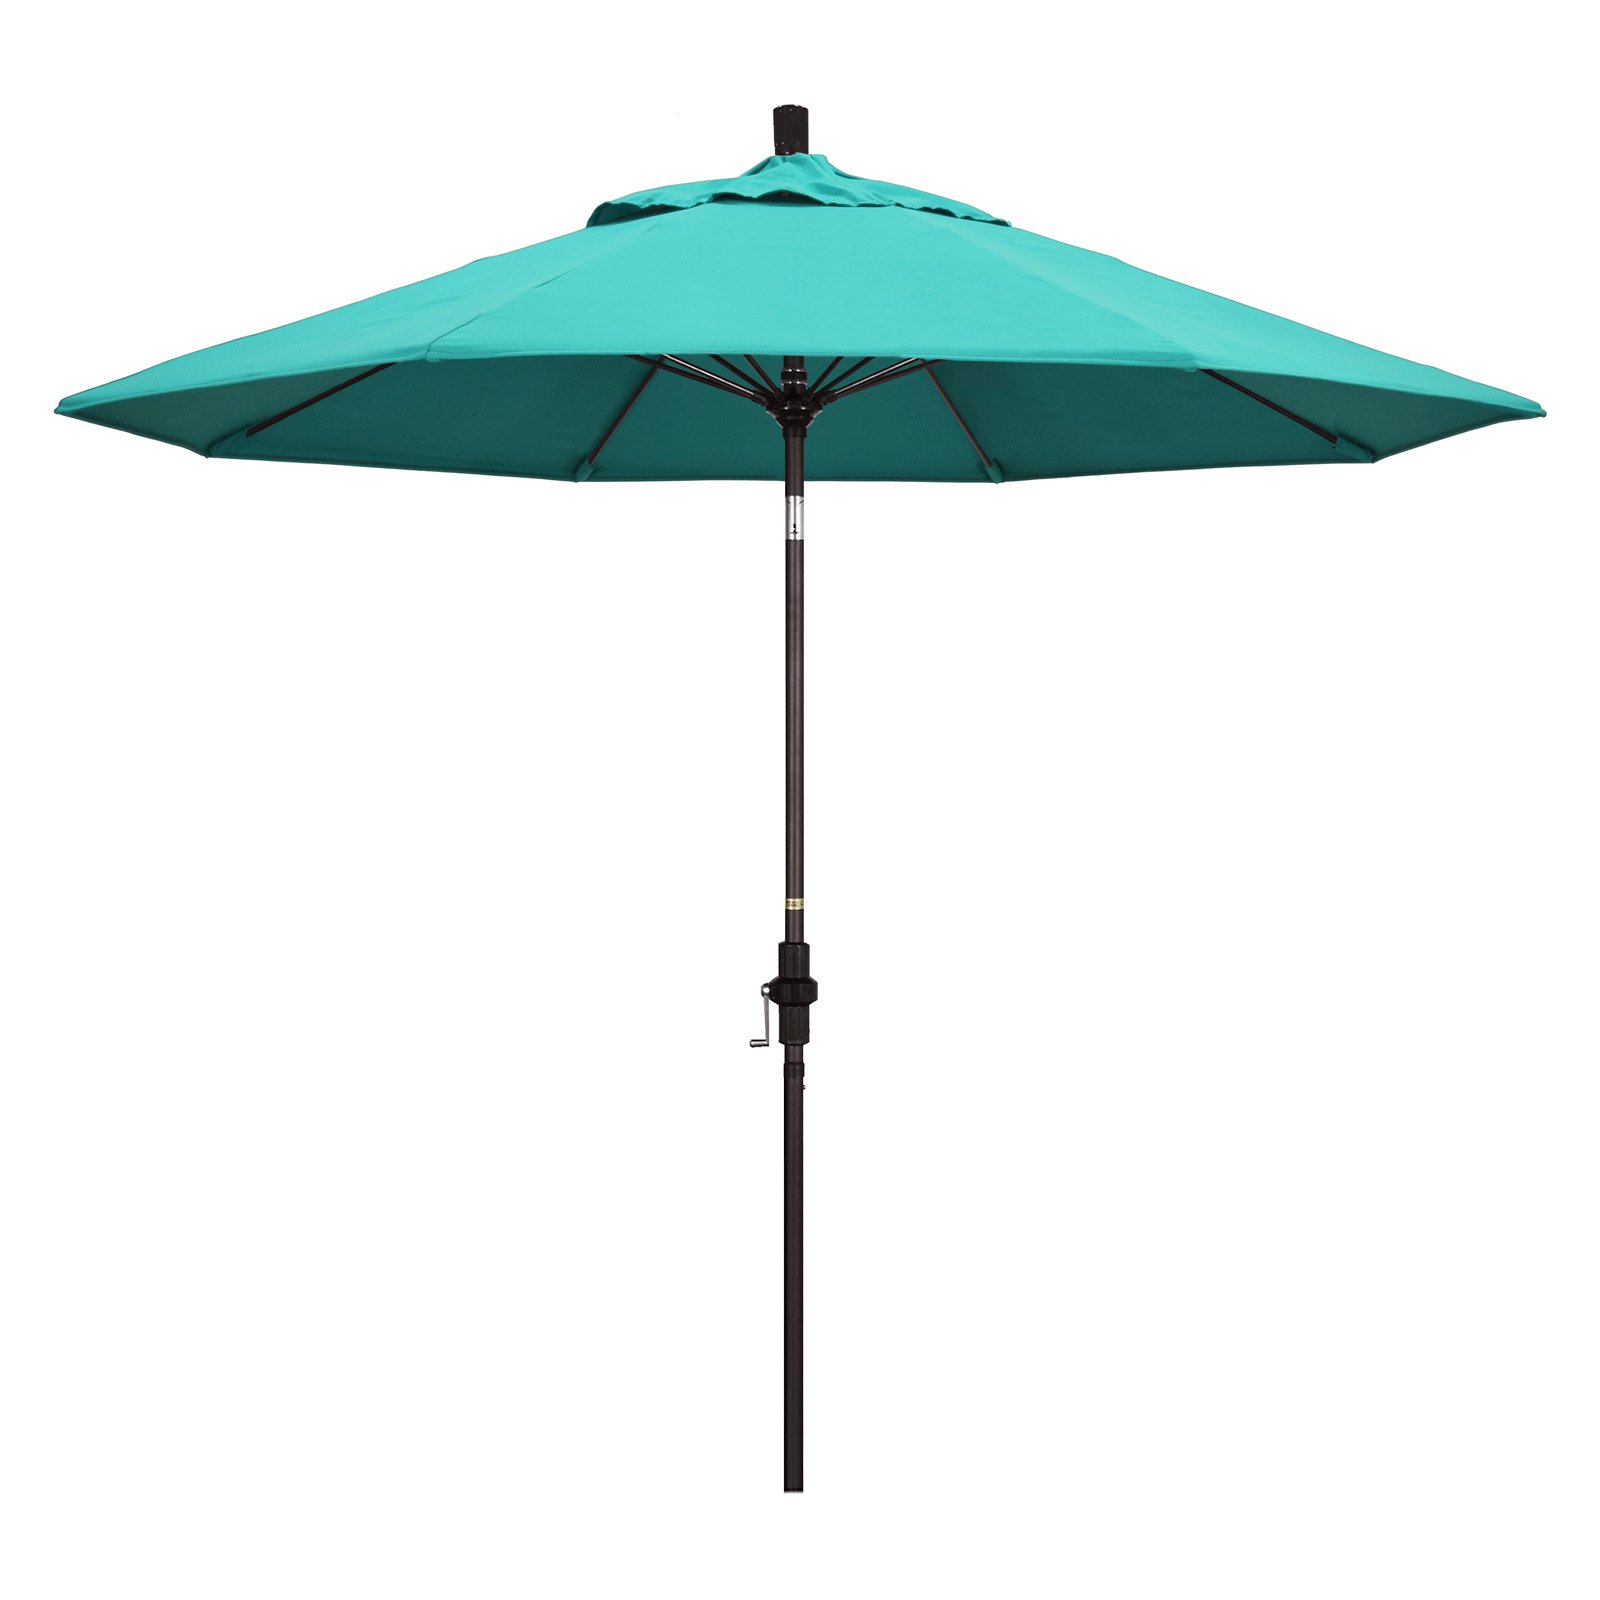 California Umbrella 9 Ft (View 4 of 20)